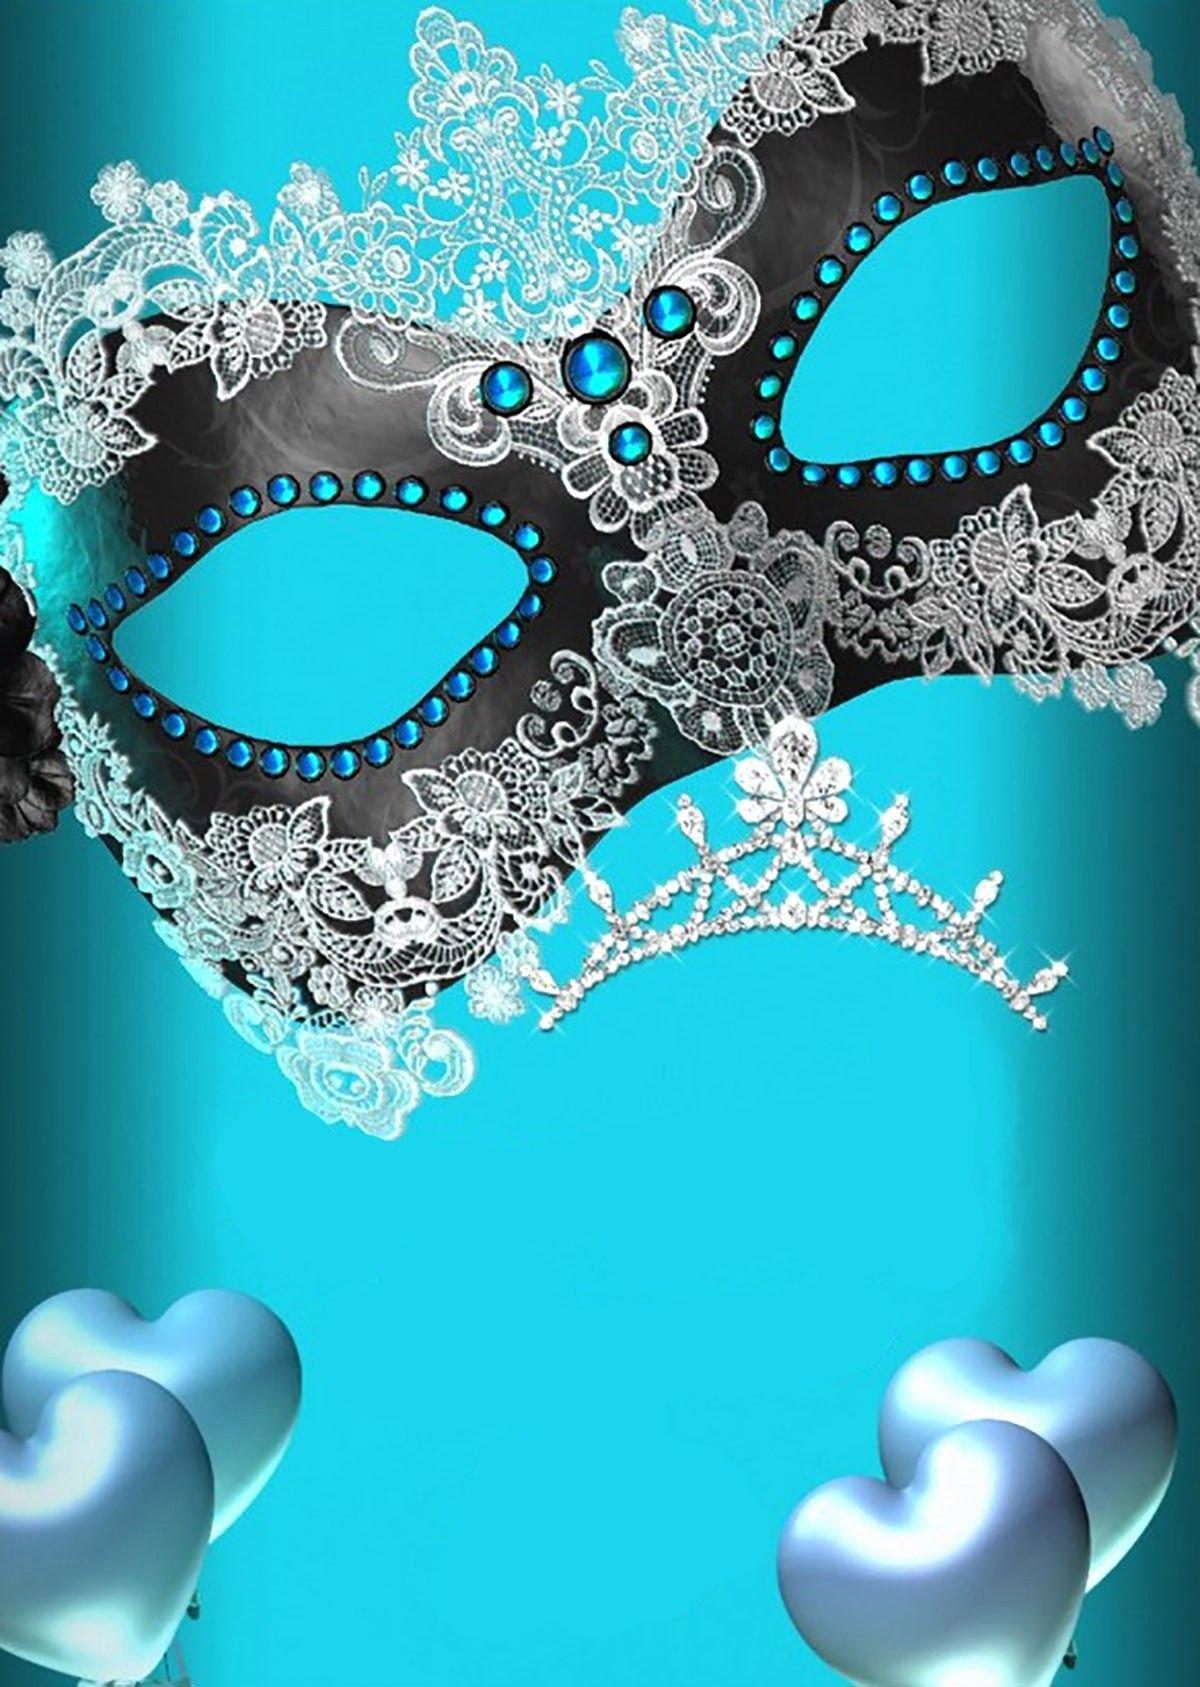 Masquerade Mask Invitation Template Unique Free Printable Masquerade Invitation Templates